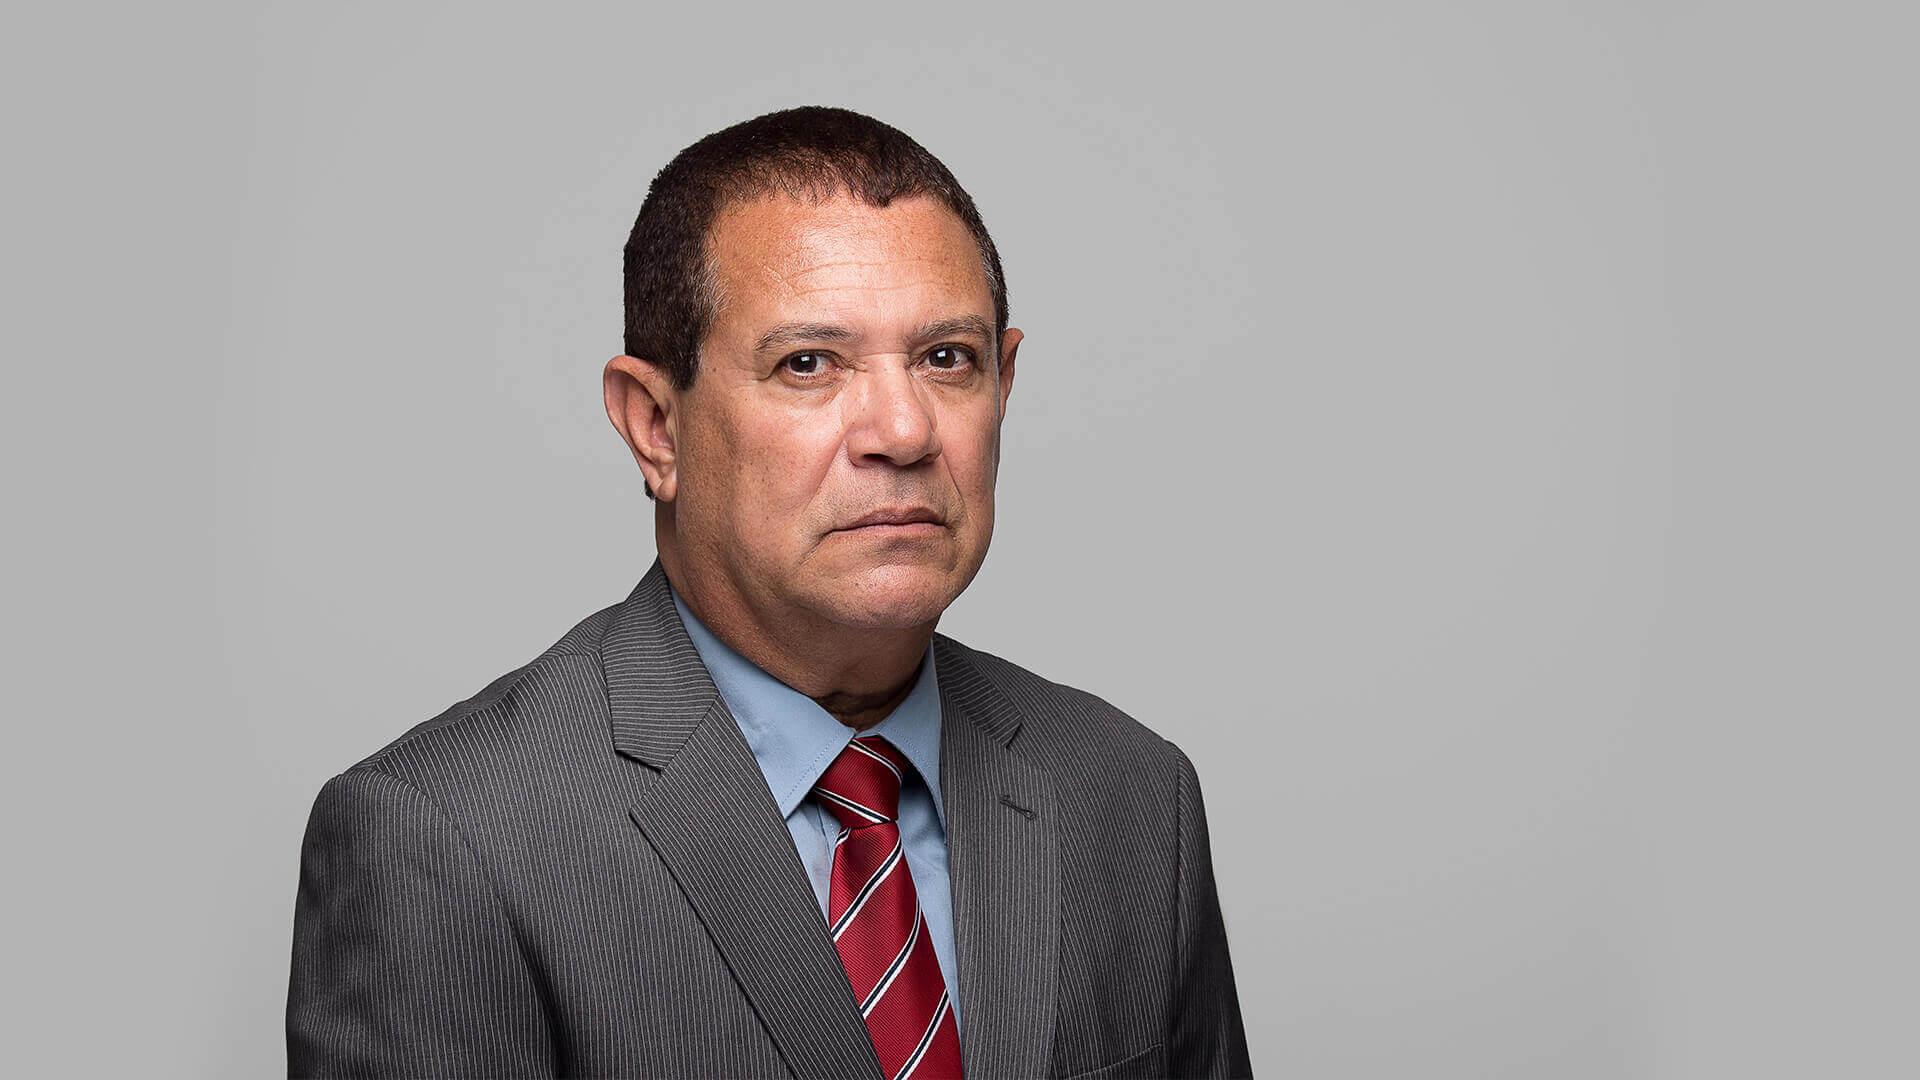 Nivaldo Raimundo da Silva